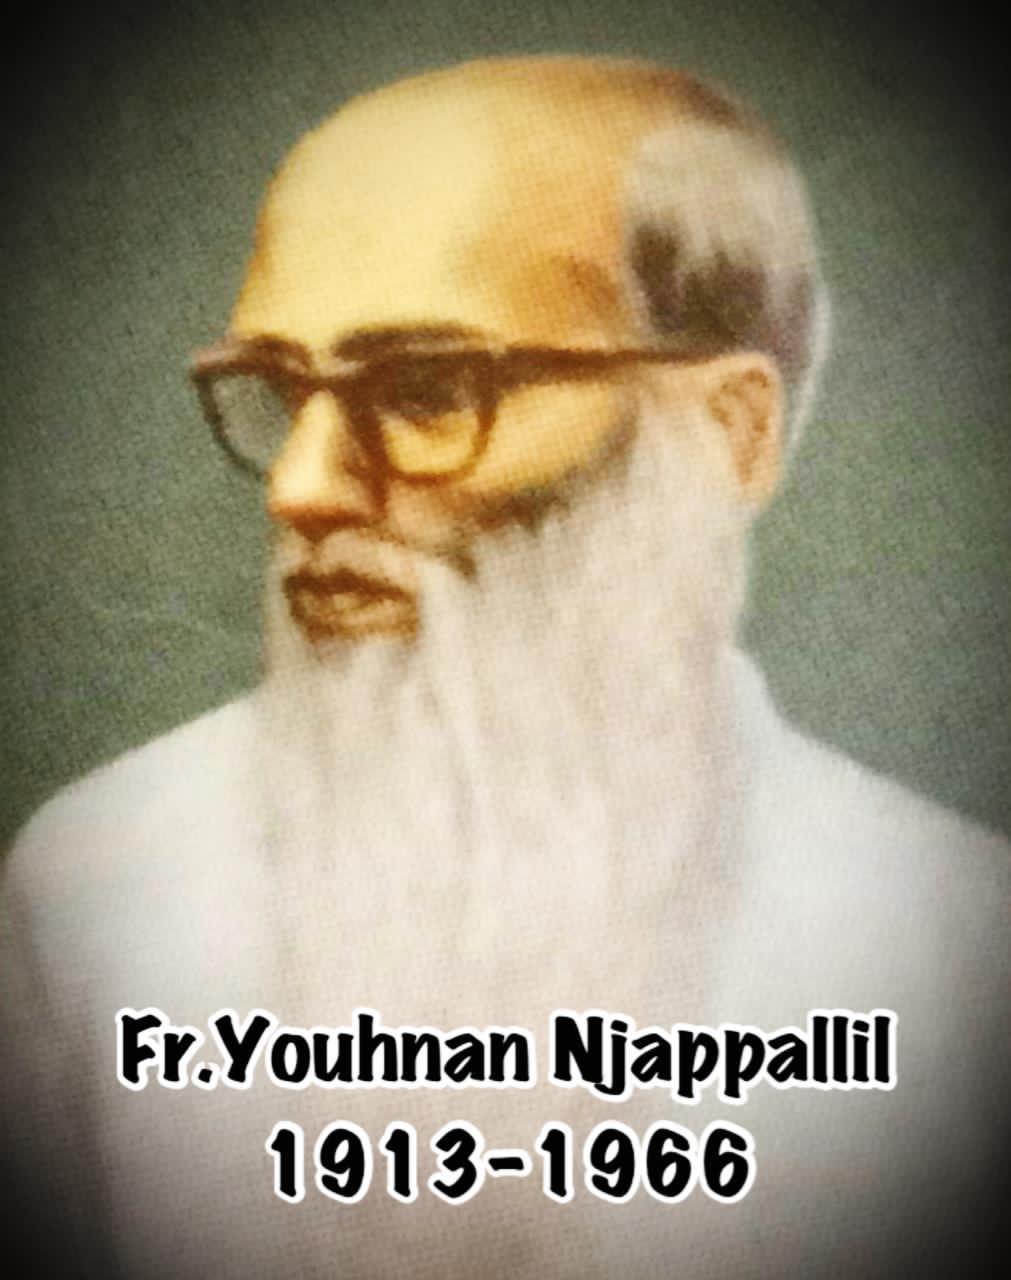 Fr Yohnnan Njappallil (1913-1966)